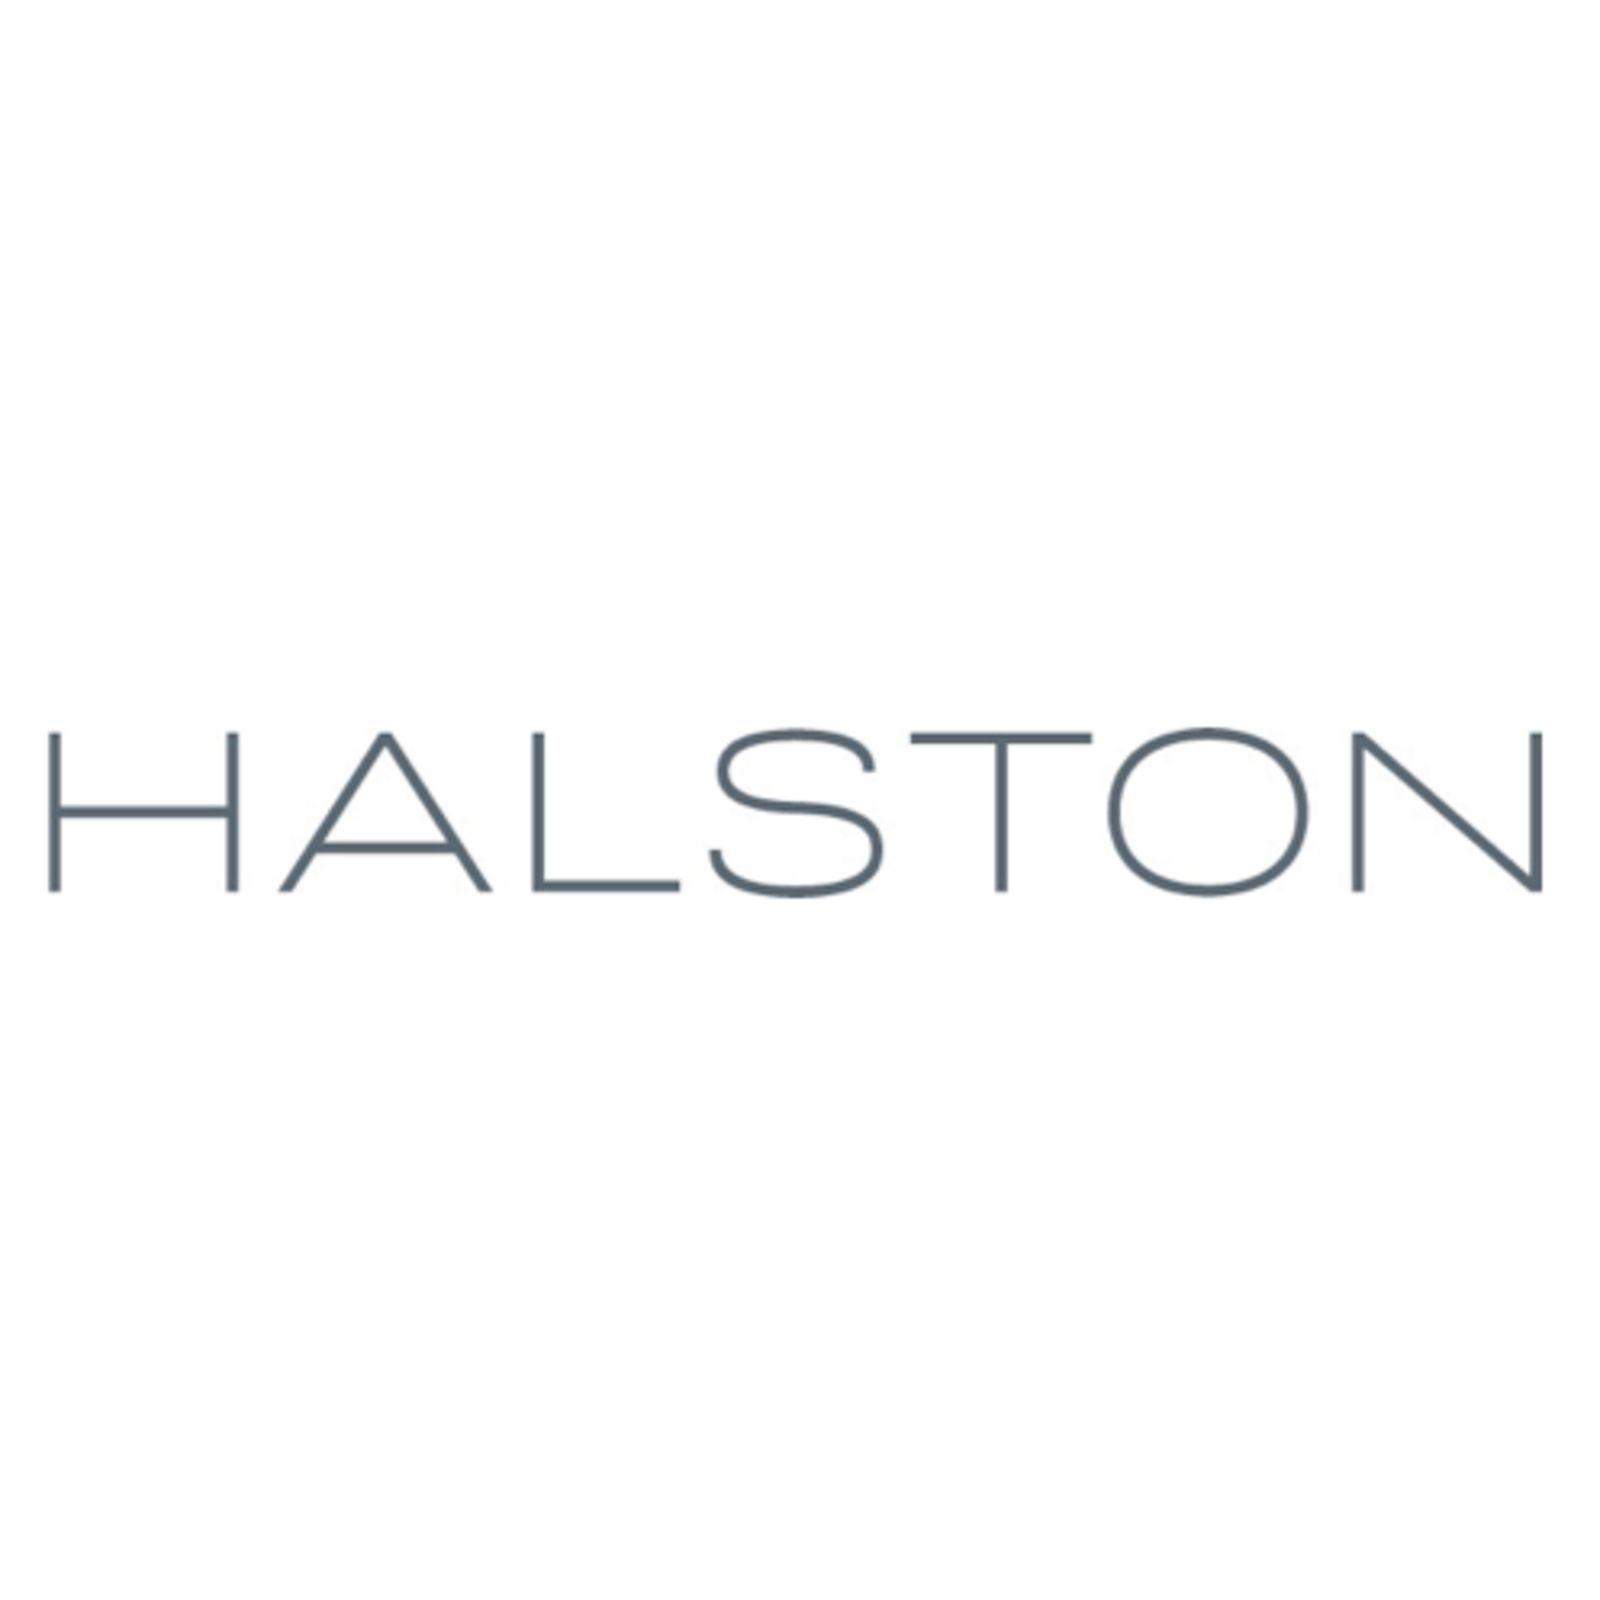 HALSTON (Bild 1)